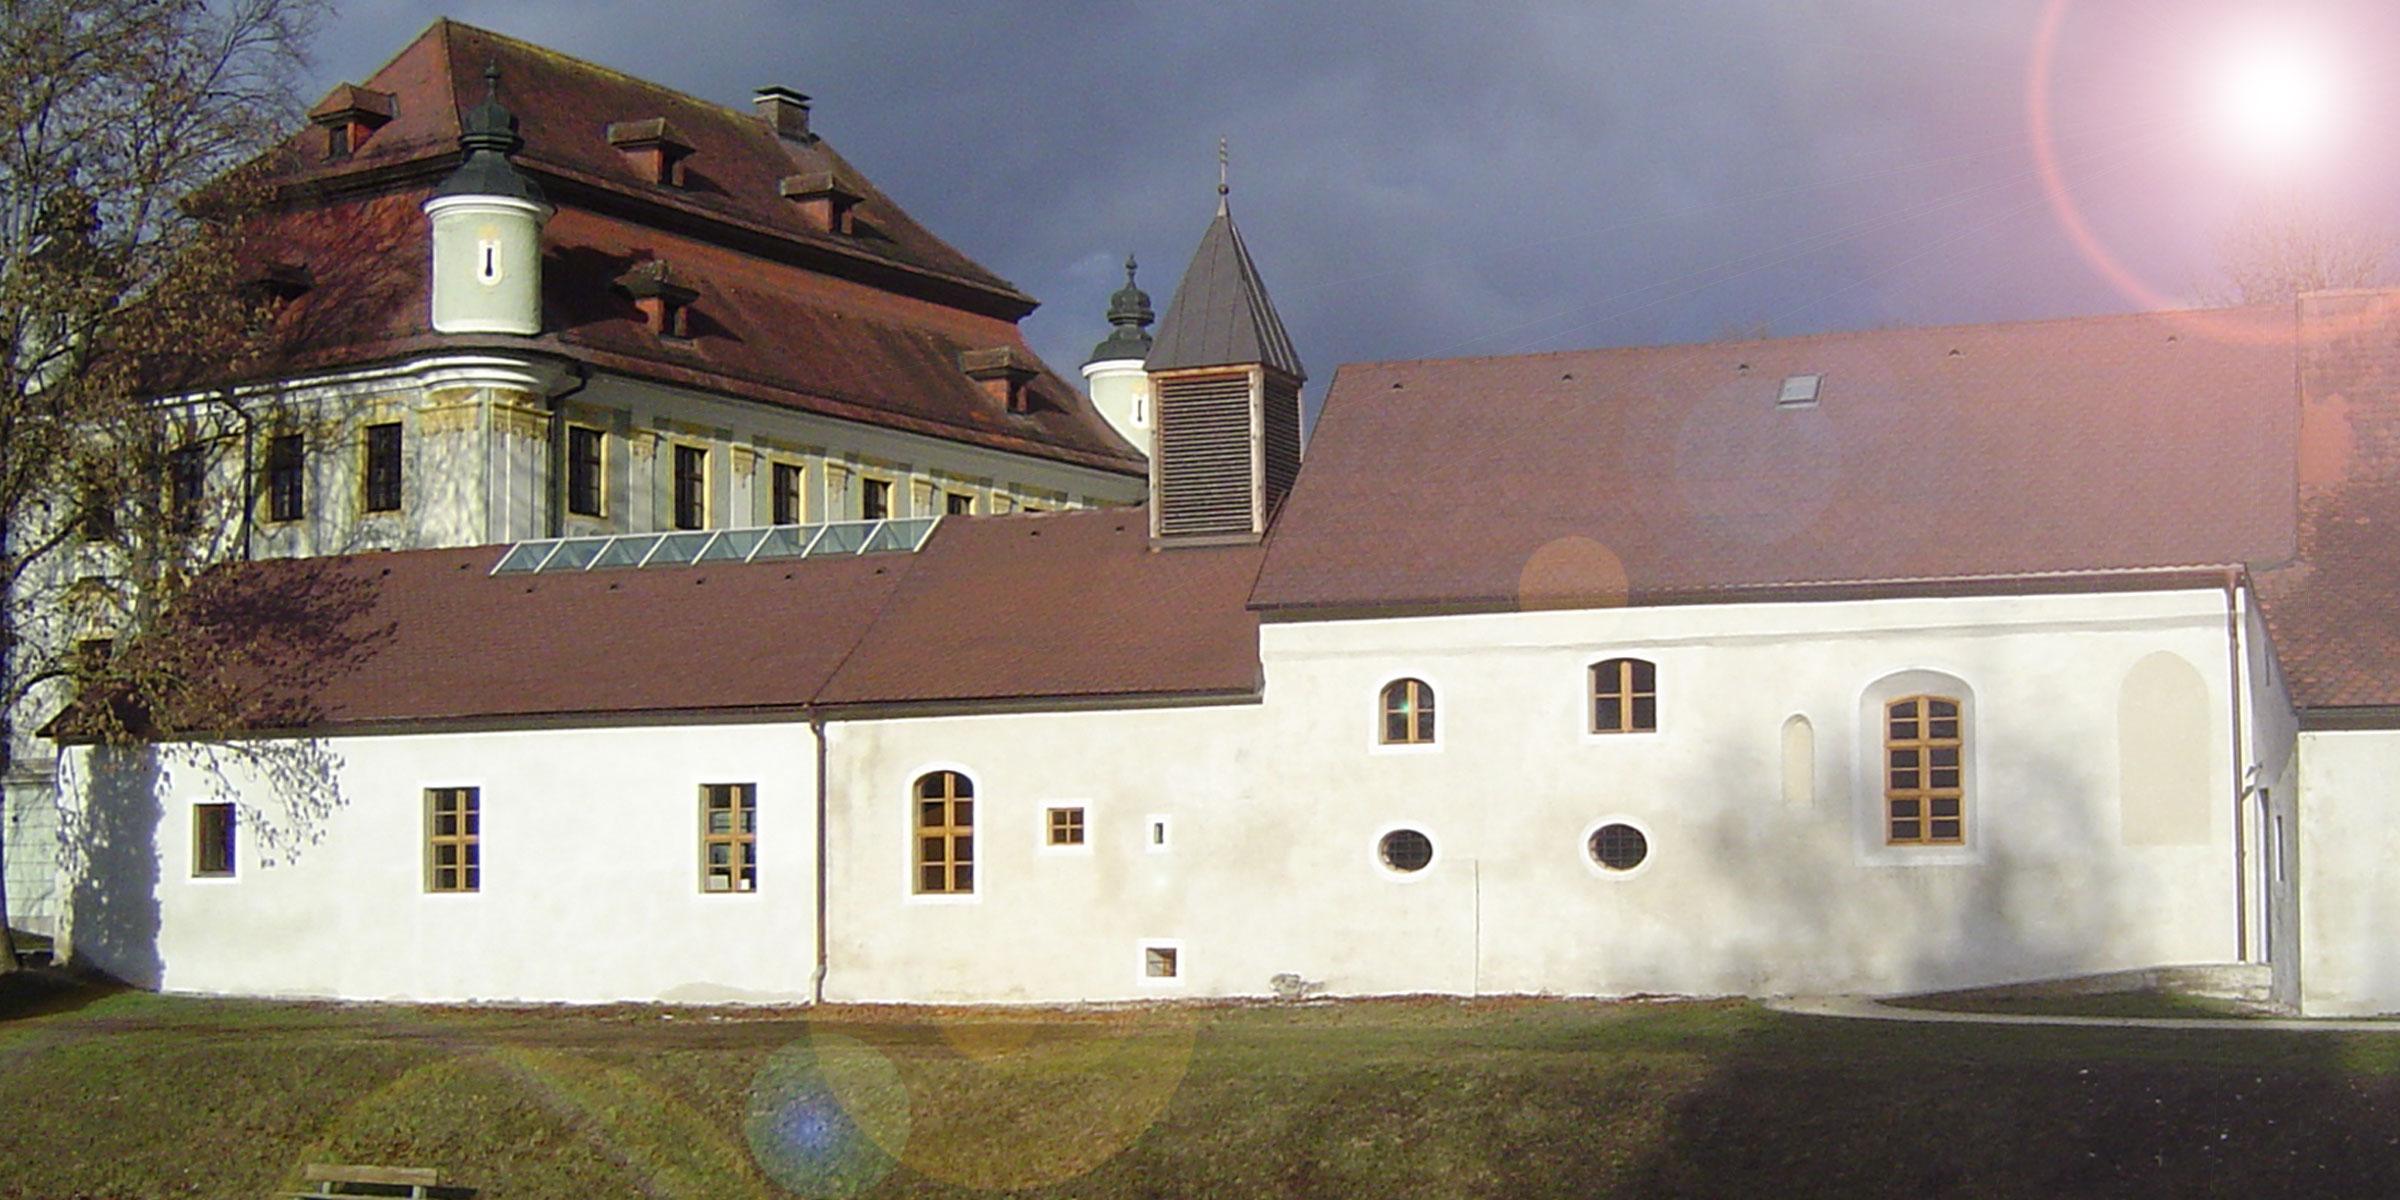 Restaurierung von Fenster und Türen Tischler Hans Hummer Feldkirchen an der Donau